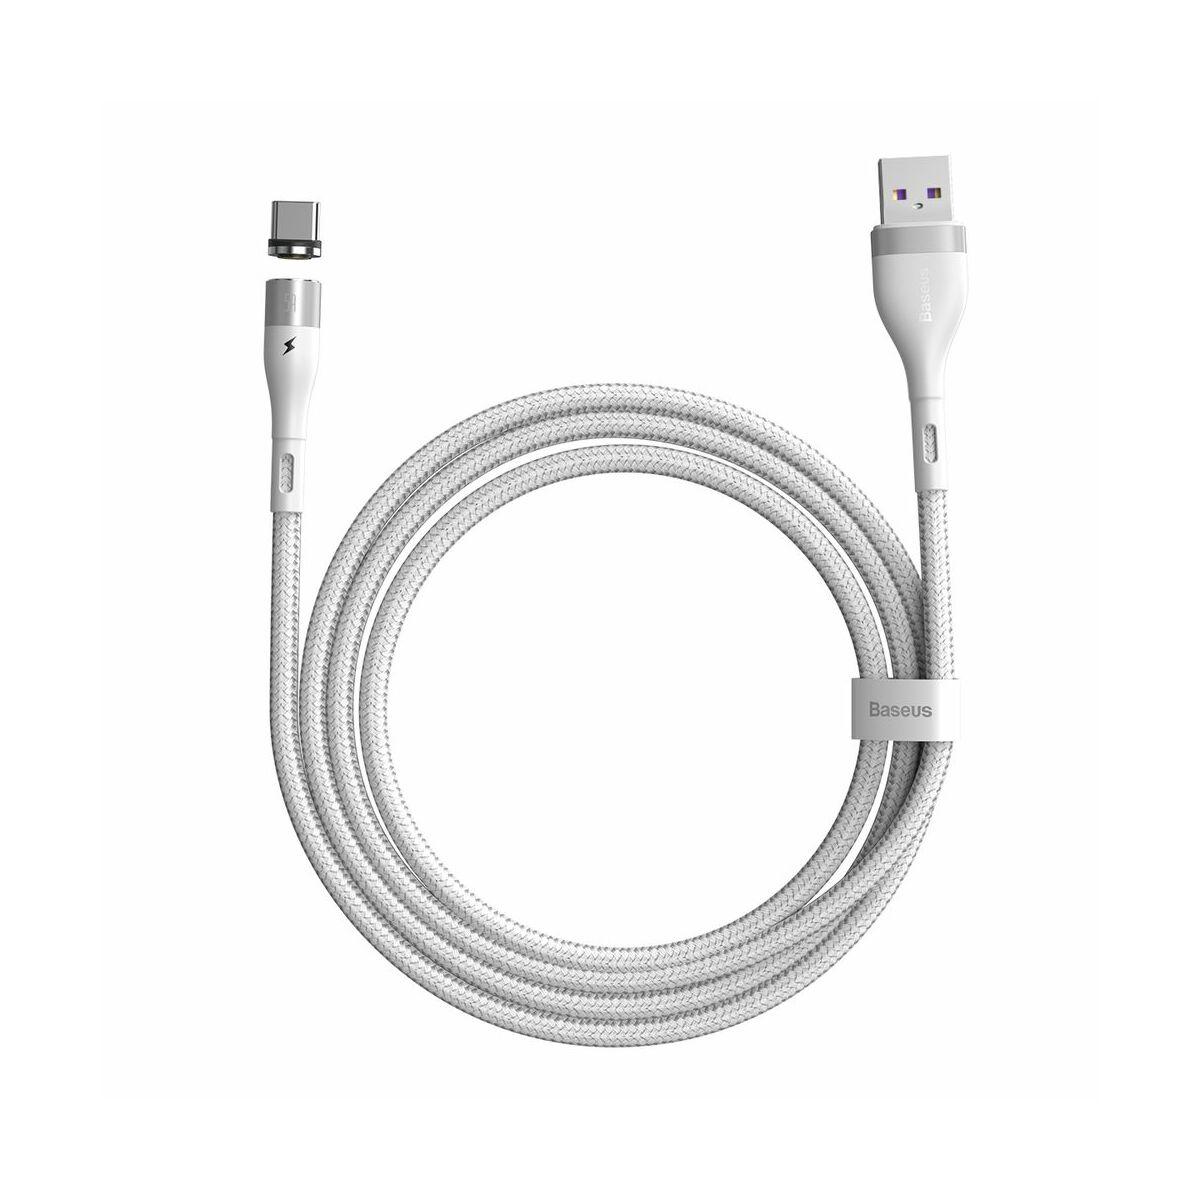 Baseus Type-C Mágnessel csatlakozó töltő kábel, 5A, 1m, fehér (CATXC-N02)